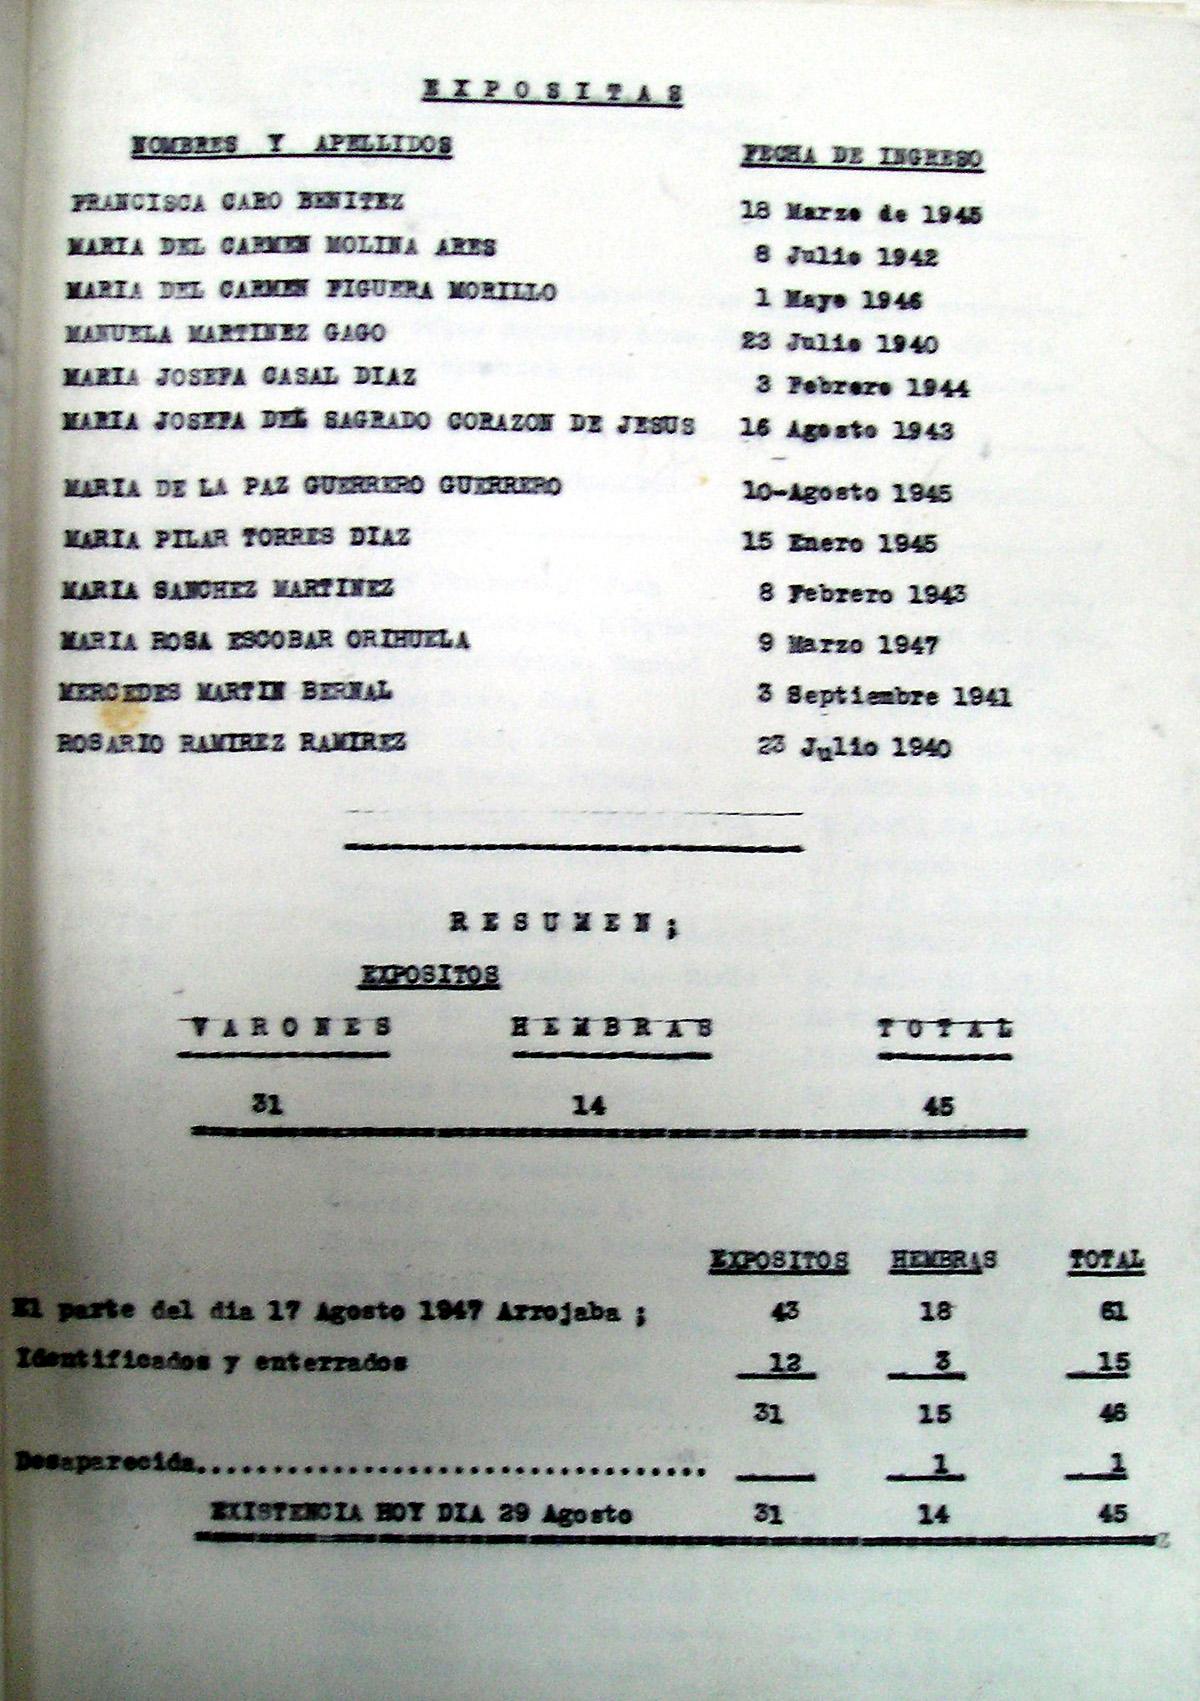 Lista de niños expósitos de la Casa Cuna que debían aparecer como supervivientes 2